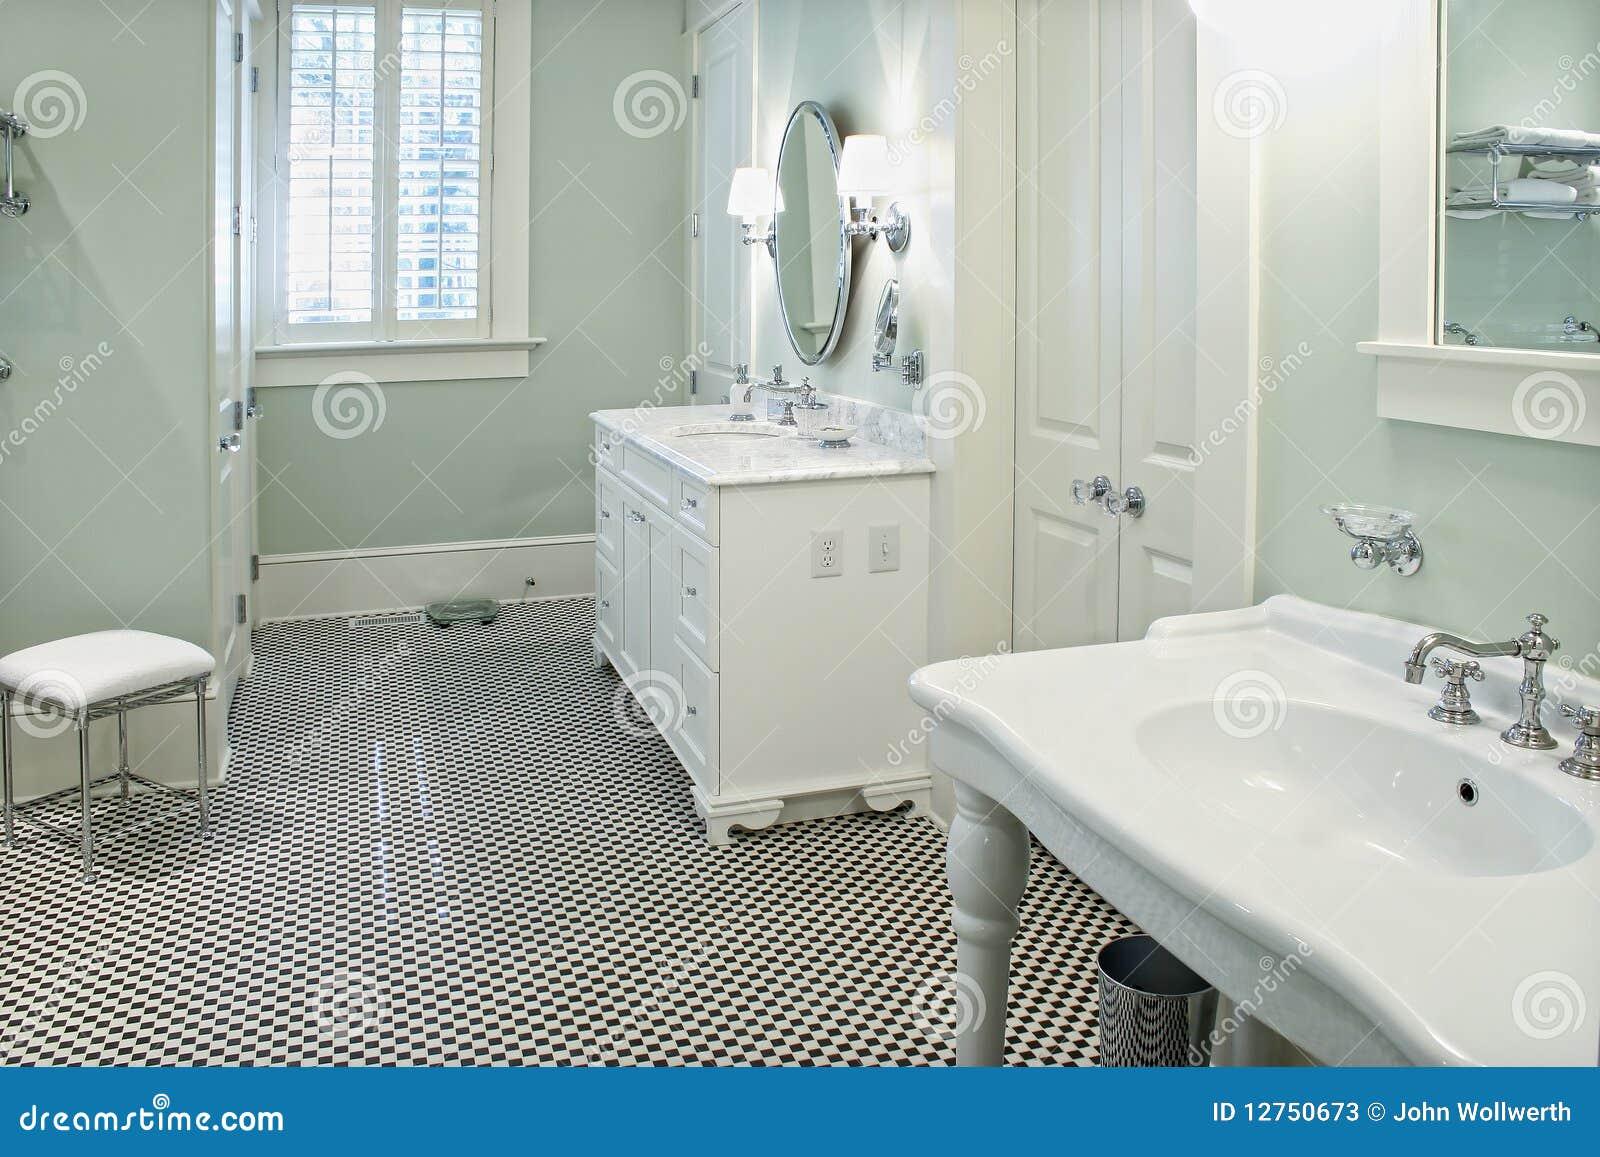 Banheiro Preto E Branco Fotos de Stock Imagem: 12750673 #82A328 1300x957 Armario Para Banheiro Branco E Preto